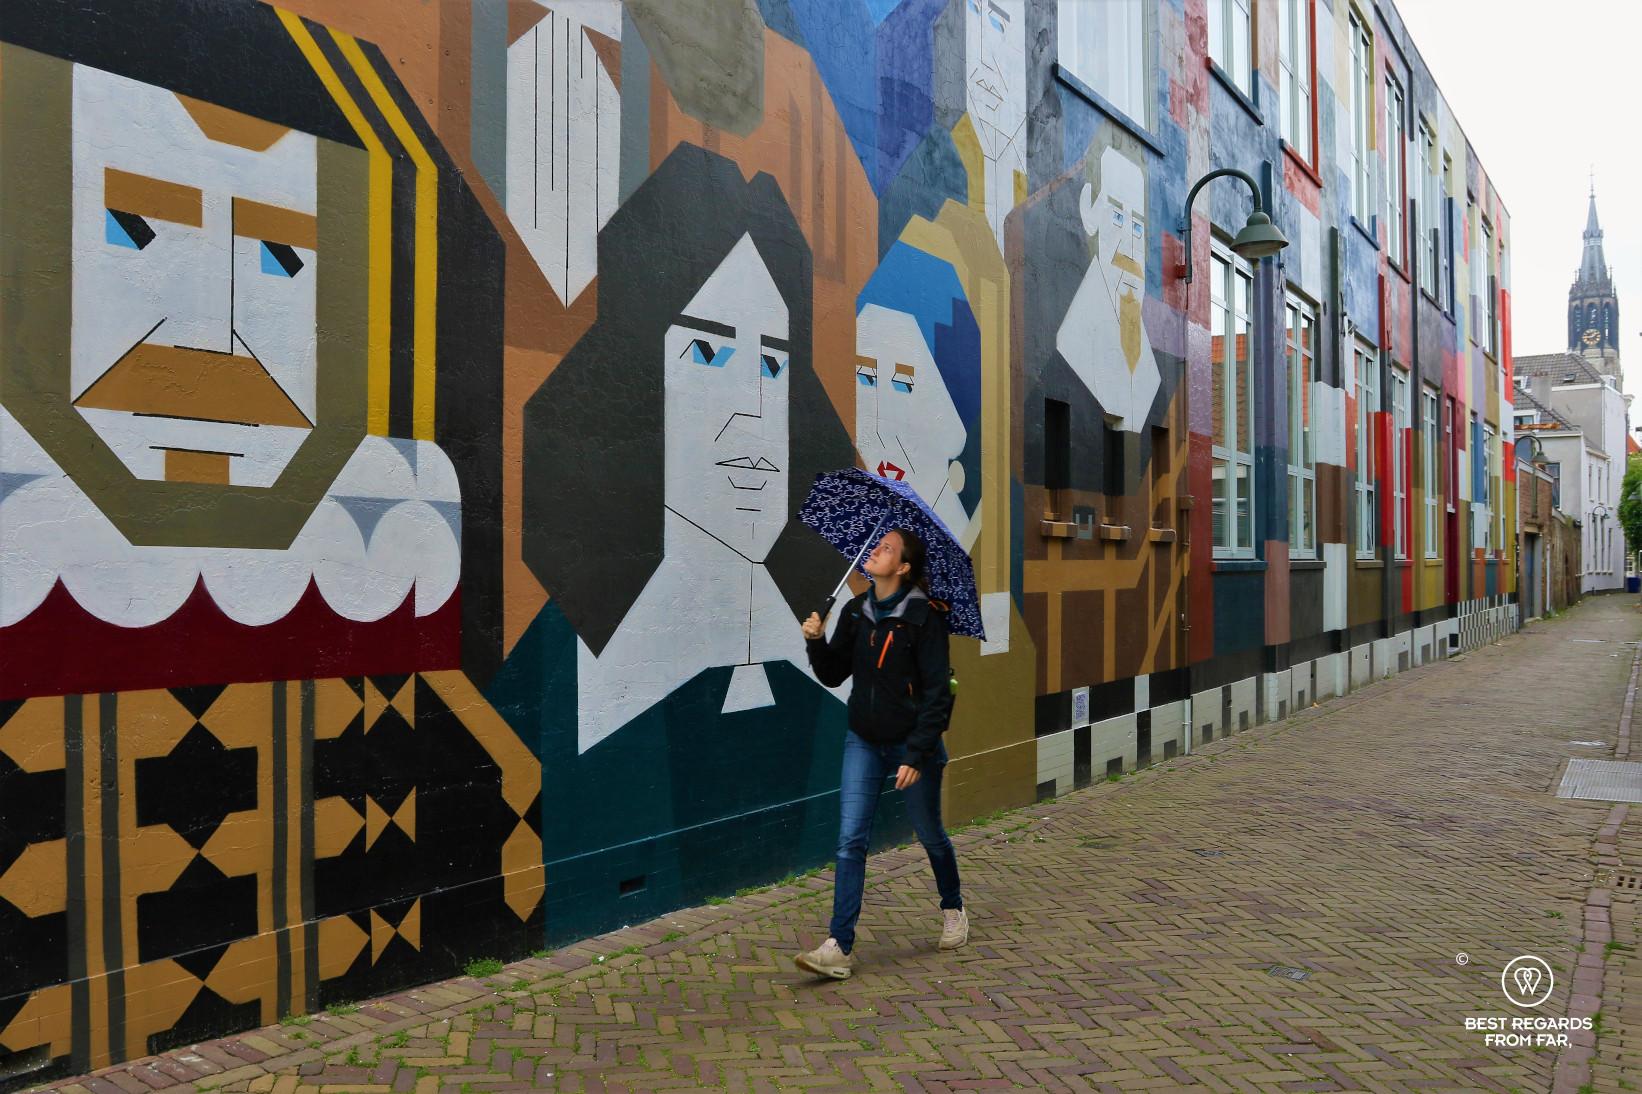 Testing the senz° windproof umbrella in Delft